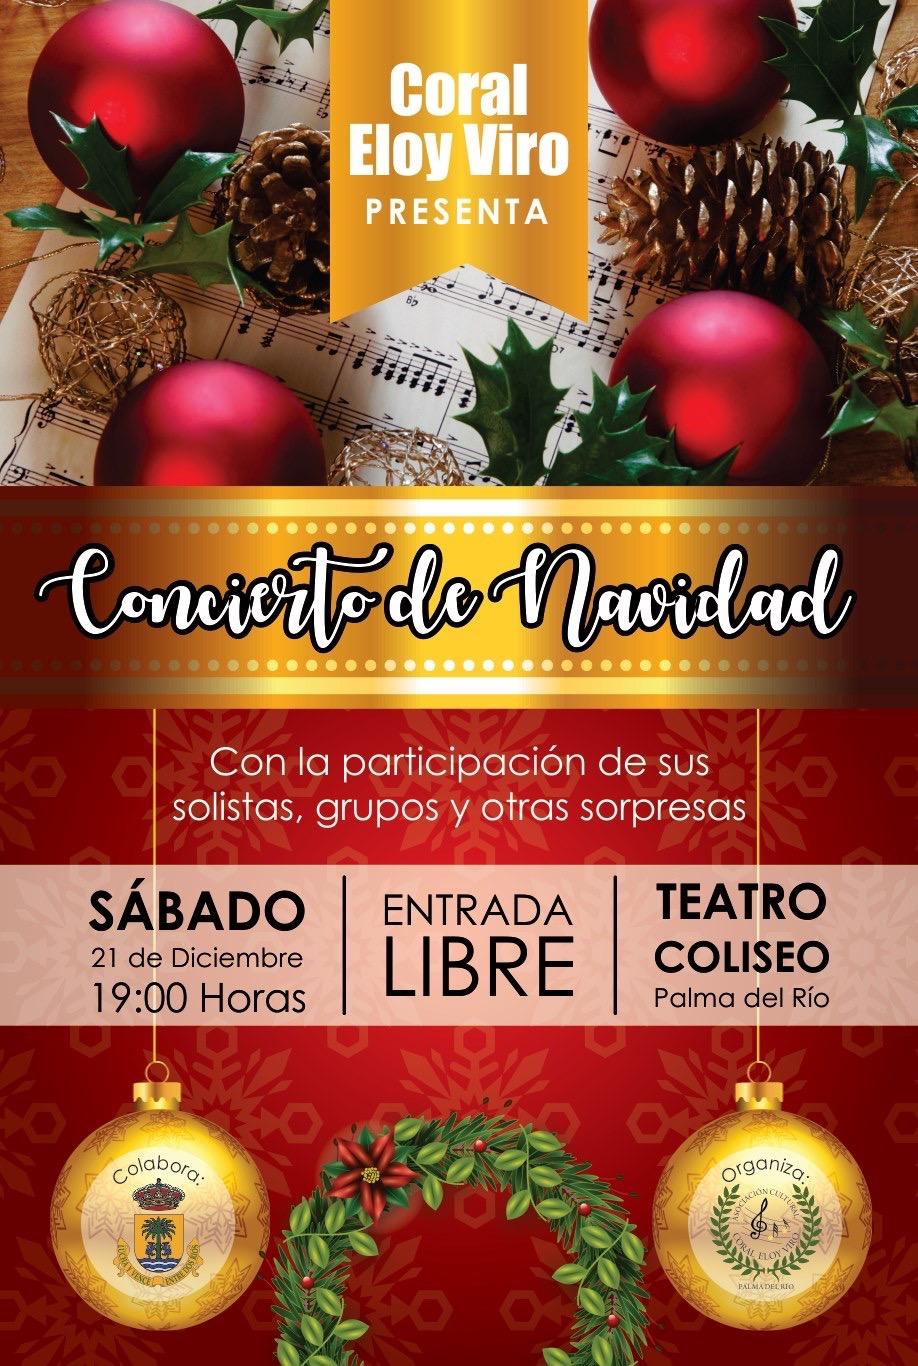 https://www.palmadelrio.es/sites/default/files/web_coral_eloy_viro_navidad.jpg